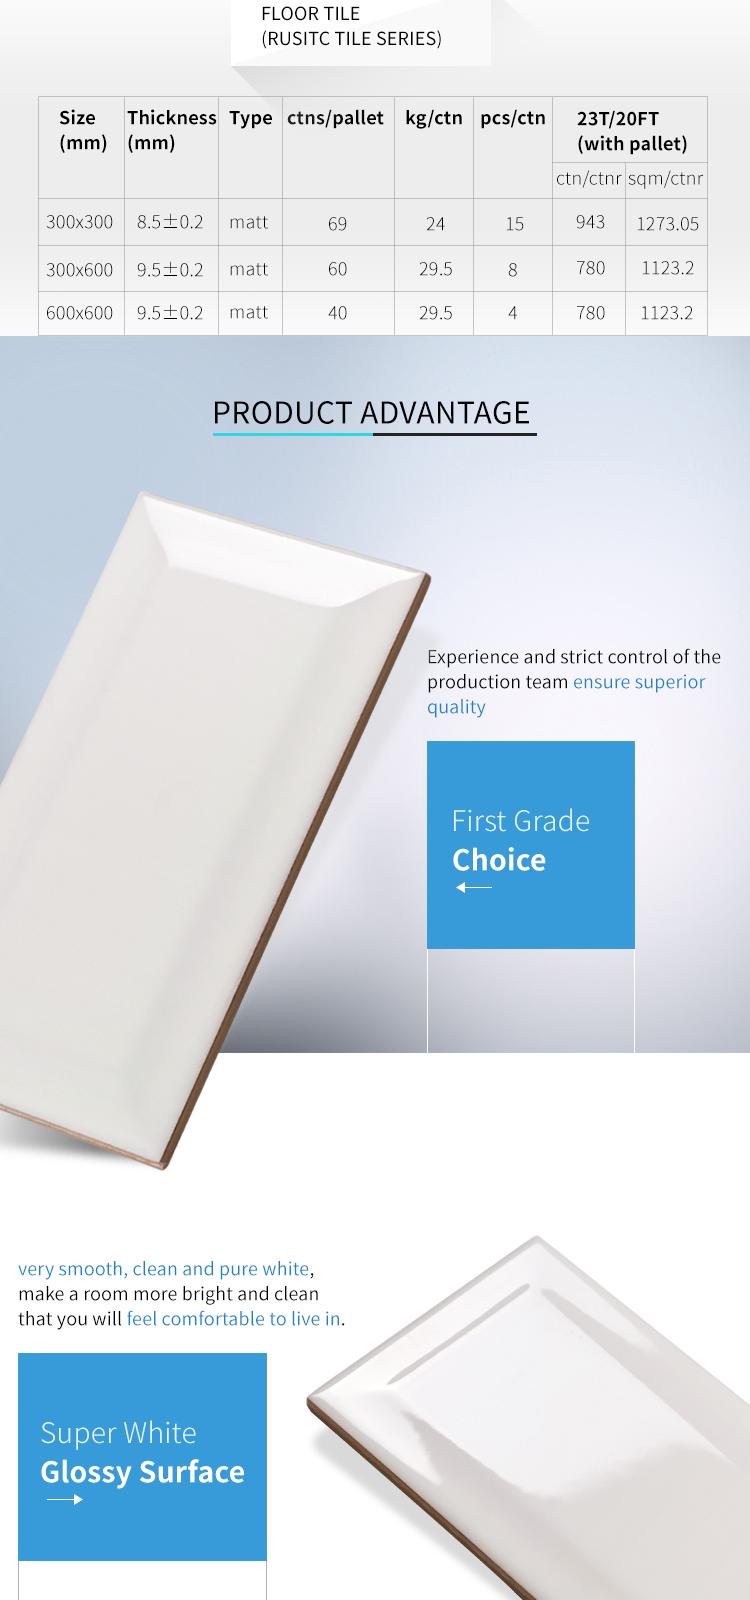 China Manufacture Light Grey 24x24 Porcelain 600x600 Floor Tile Simple  Design 24x24 Cheap Rustic Floor Tiles - Buy 24x24 Porcelain Tile,600x600  Floor